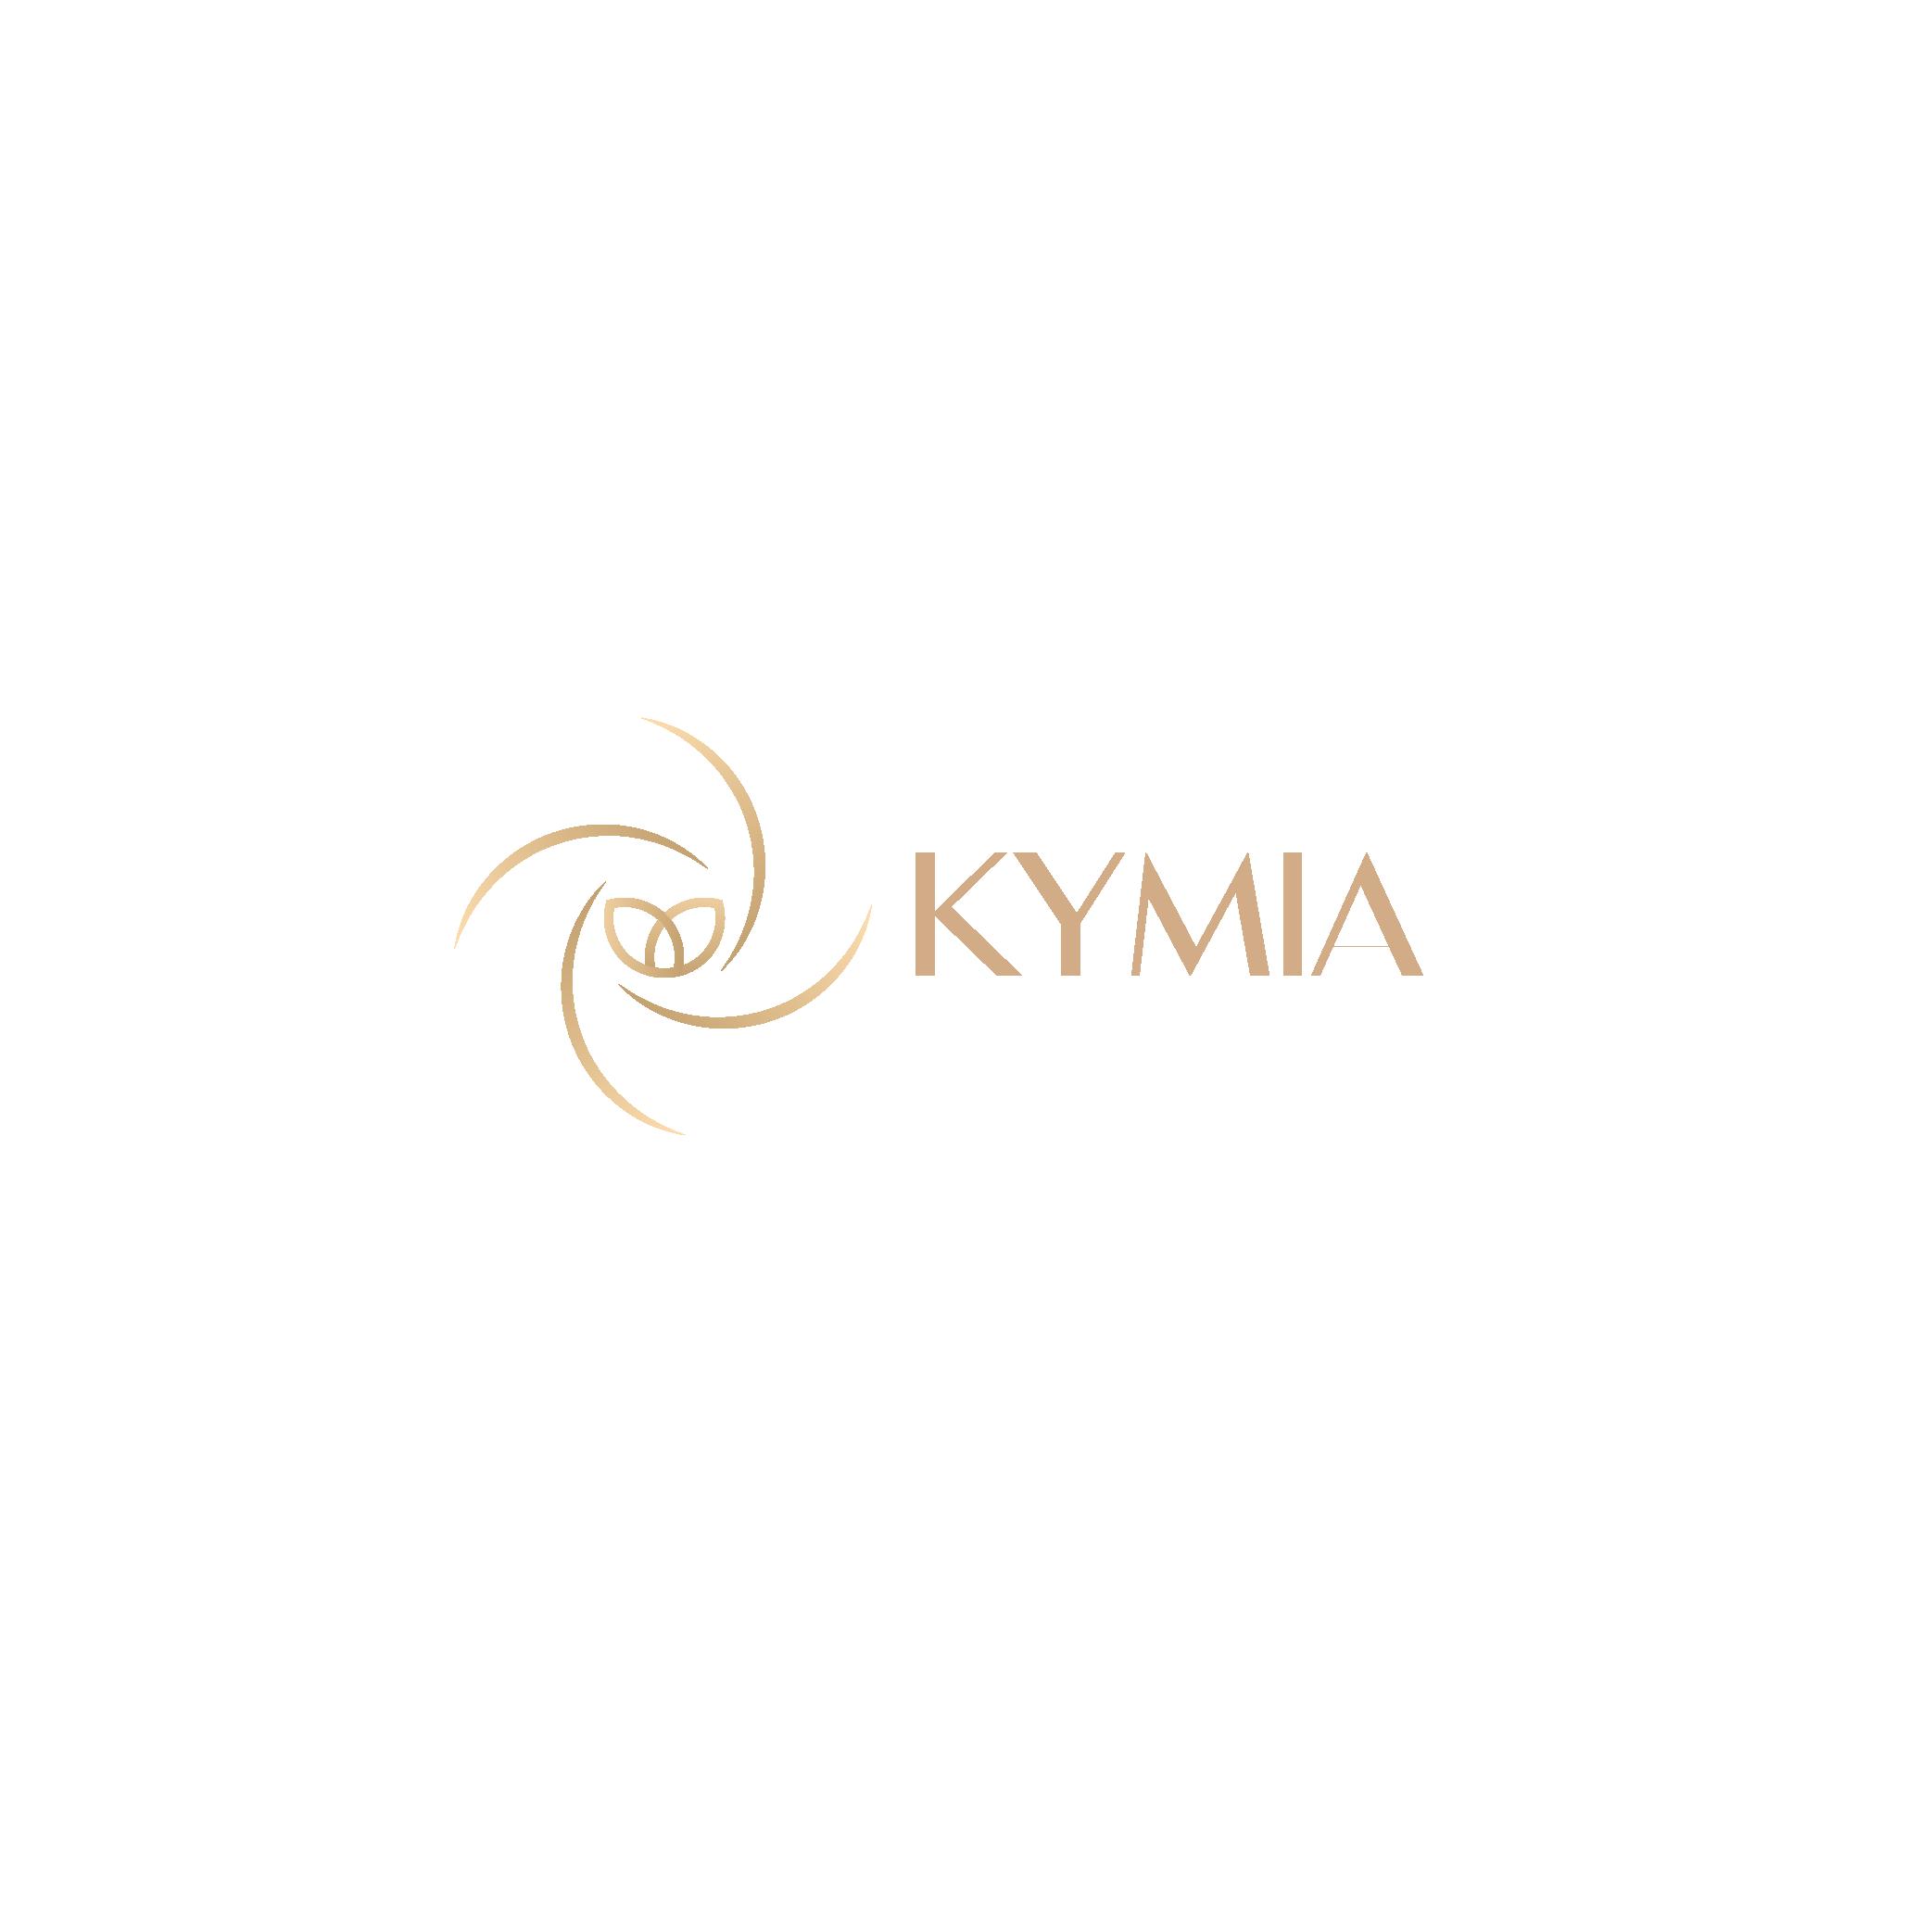 Kymia